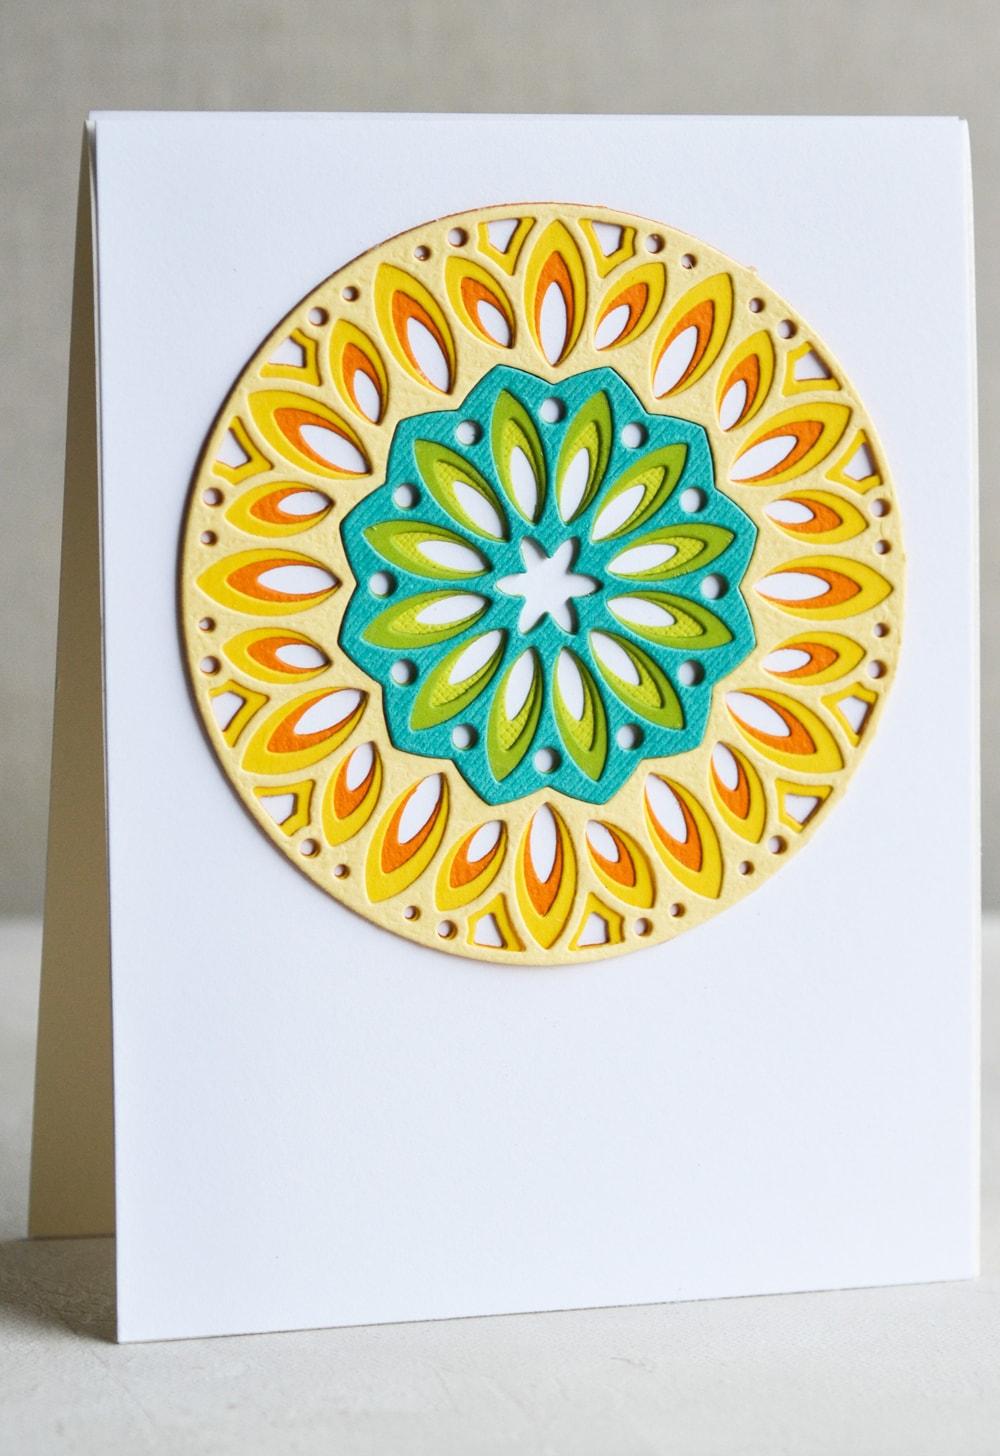 Калейдоскоп открытки киров, про бессонницу картинки